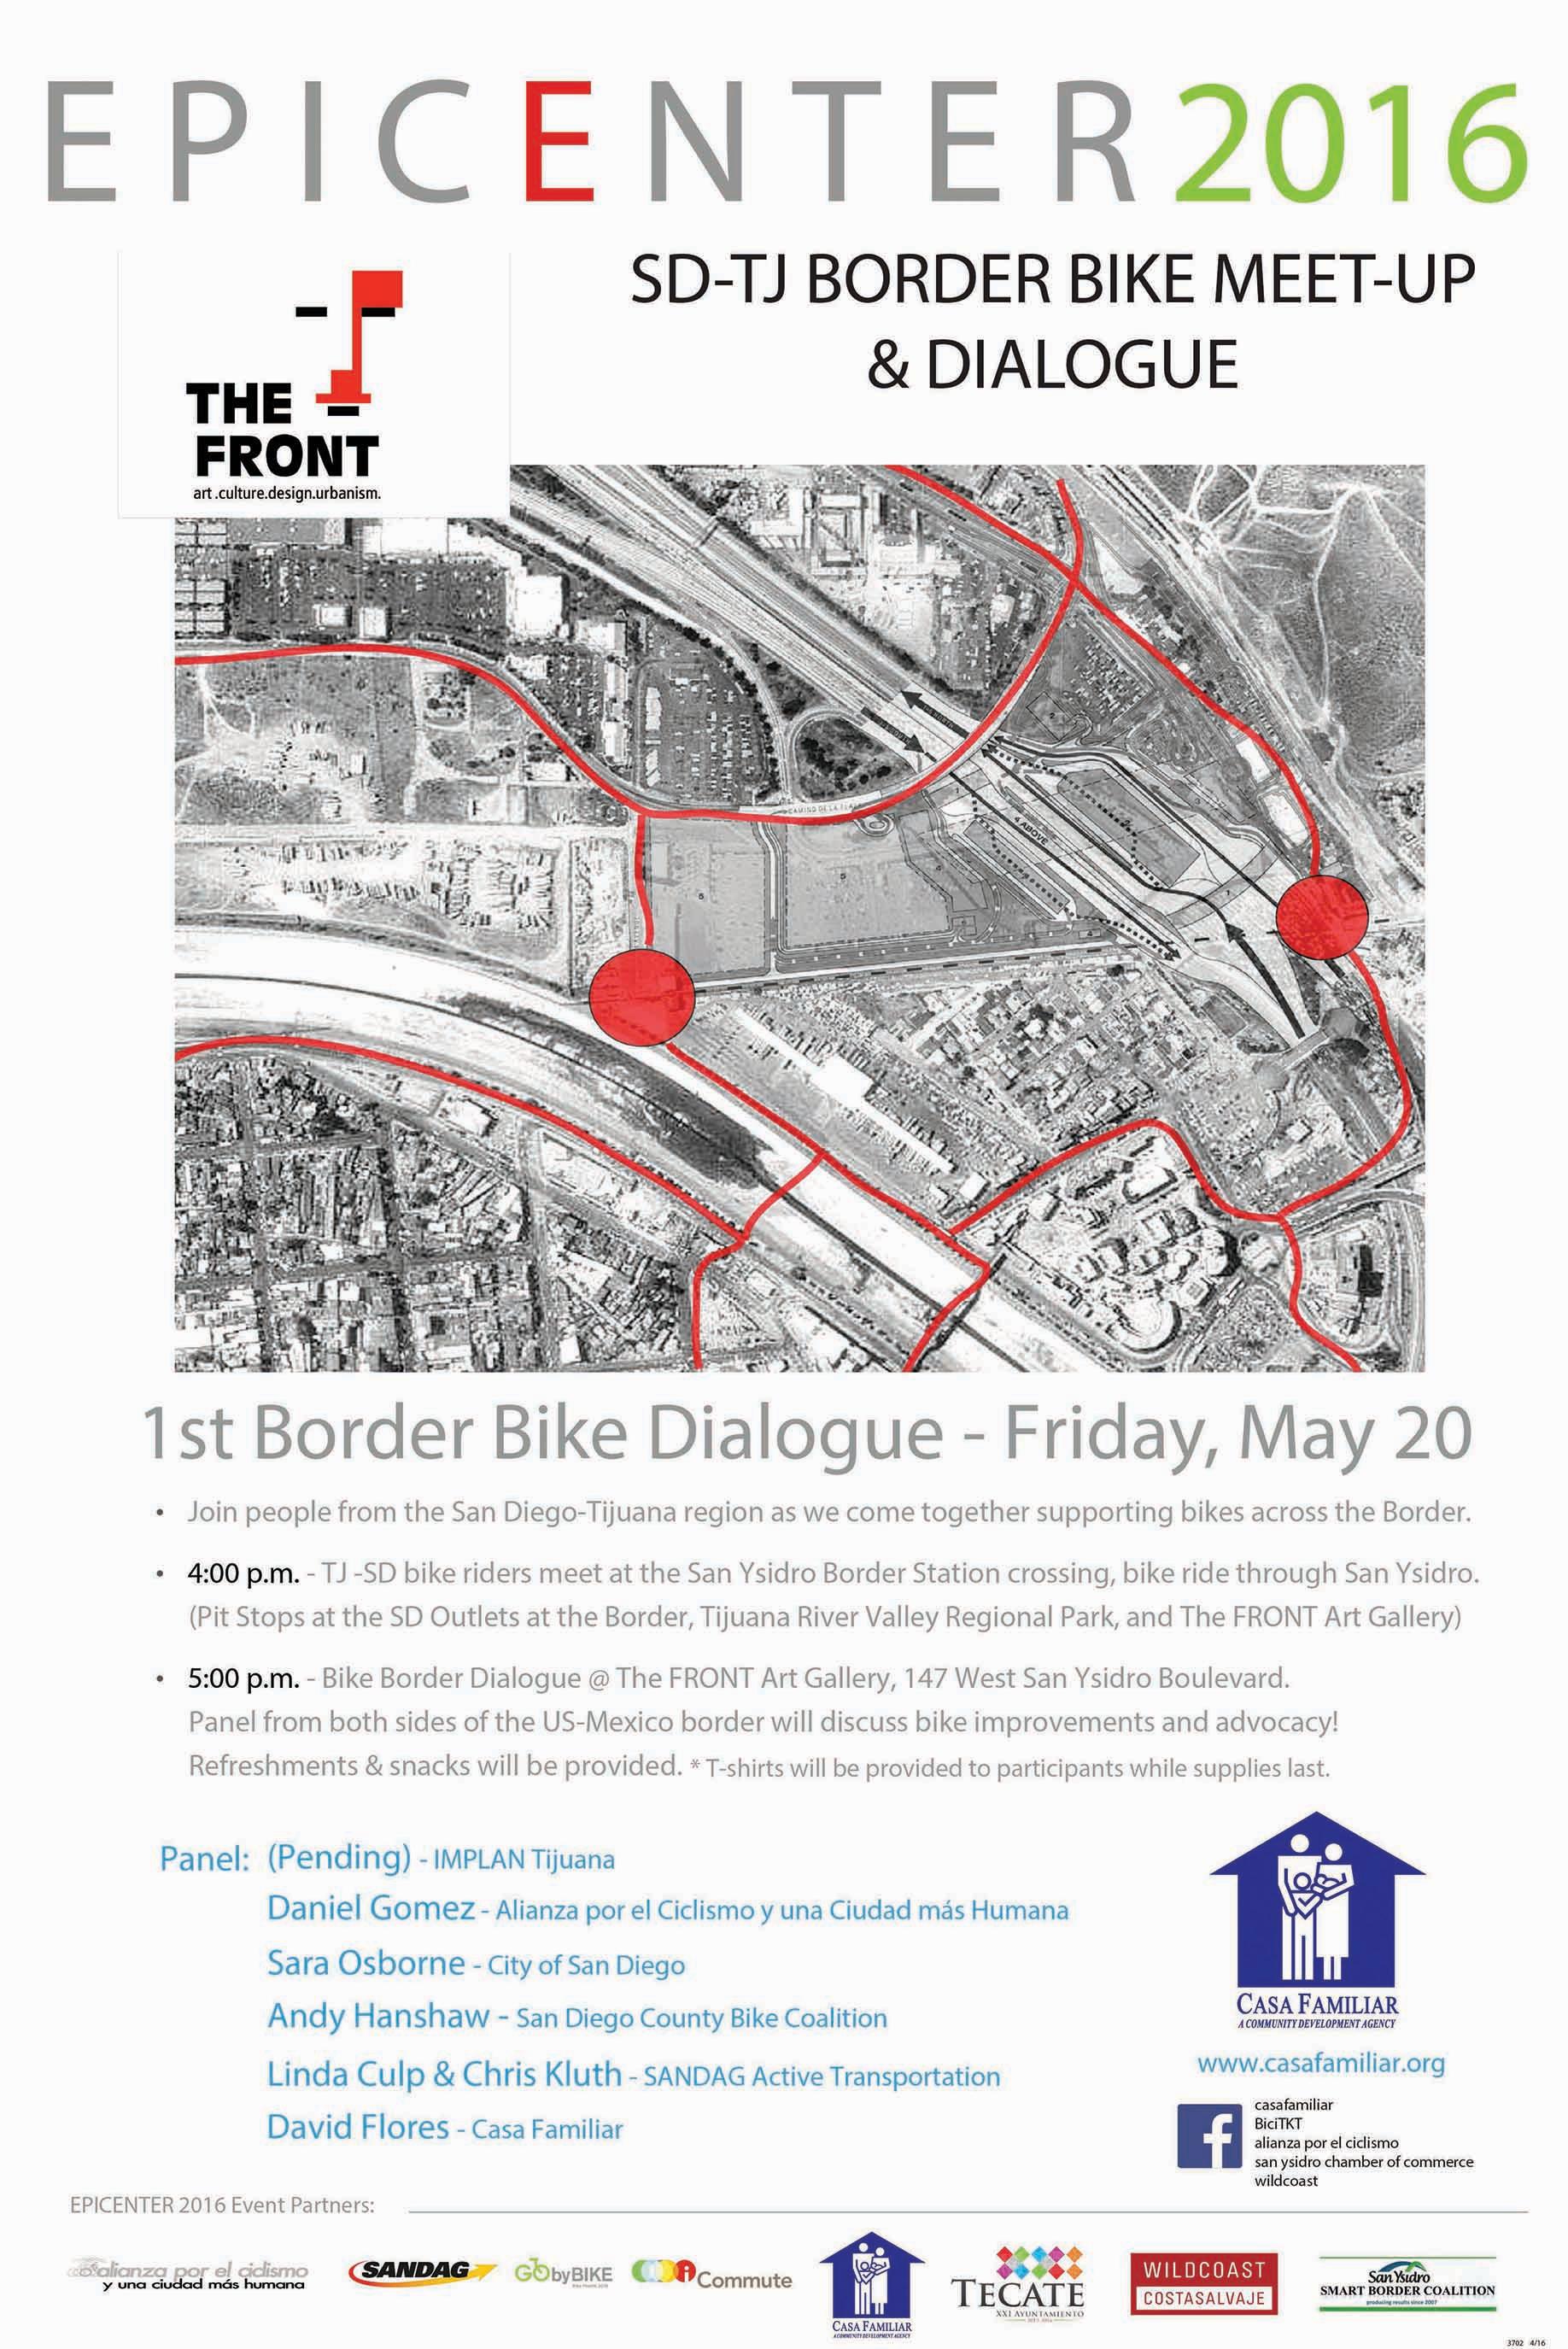 SD-TJ BORDER BIKE MEET-UP & DIALOGUE – May 20th